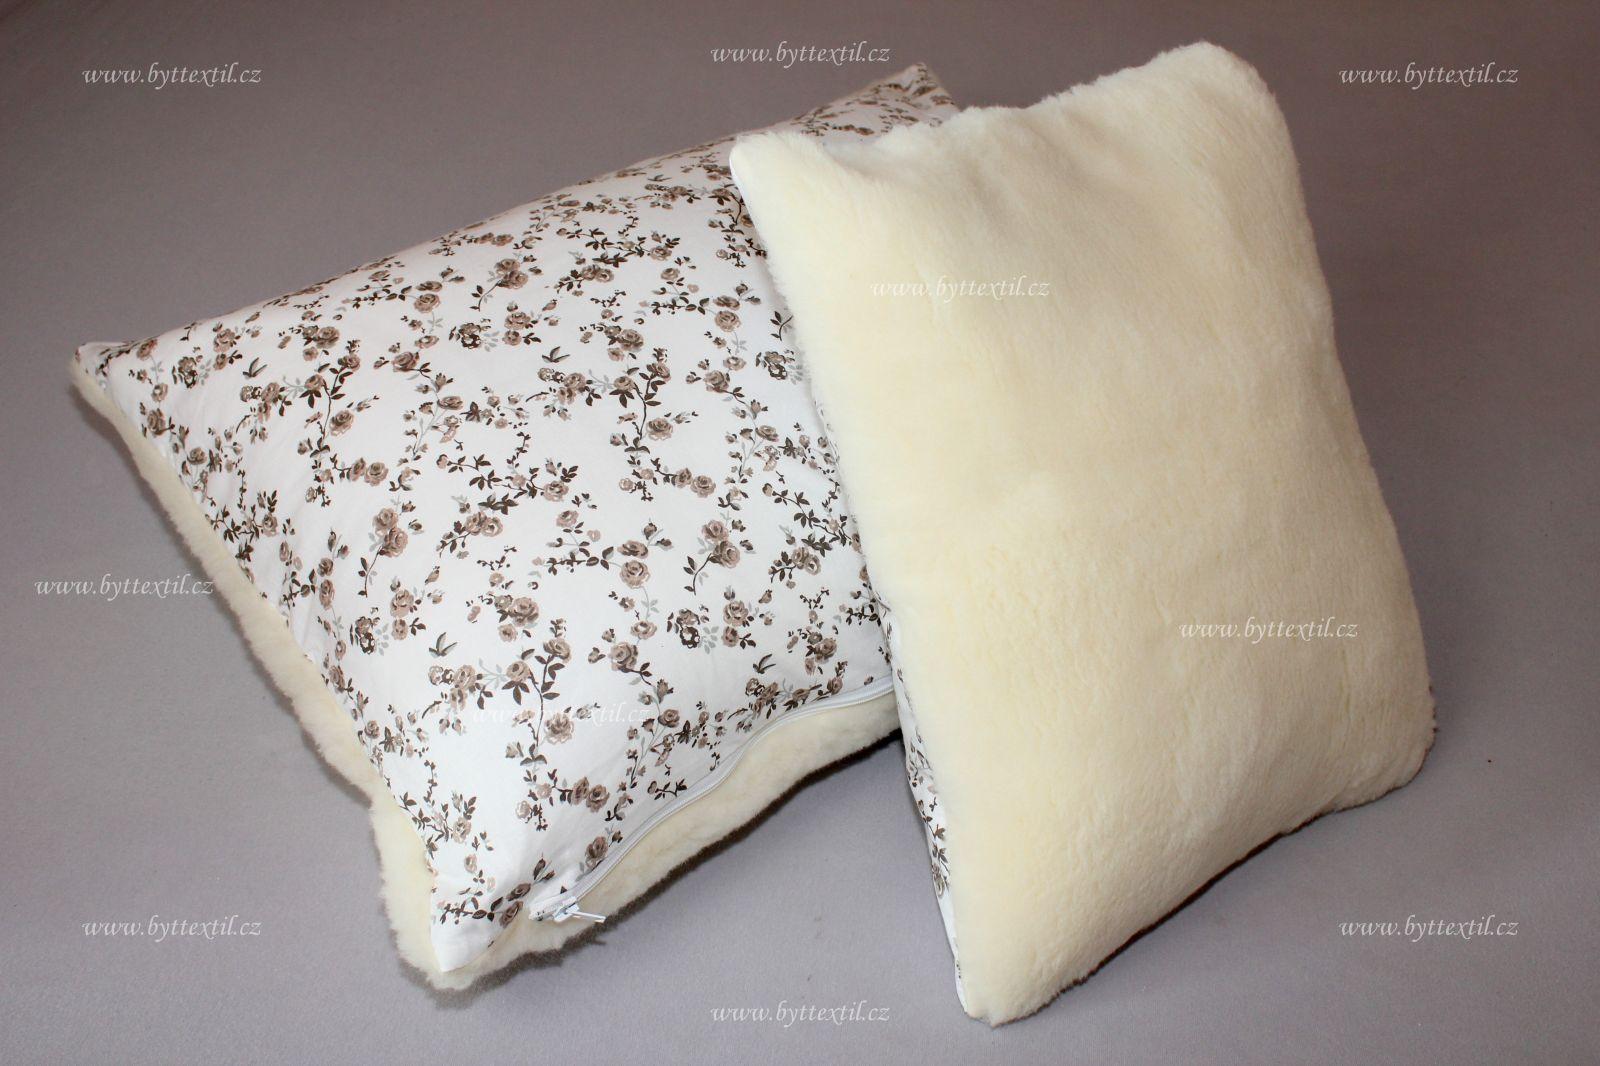 Polštář vlněný z vlněného včesu jednostranný s motivem růžičky béžové